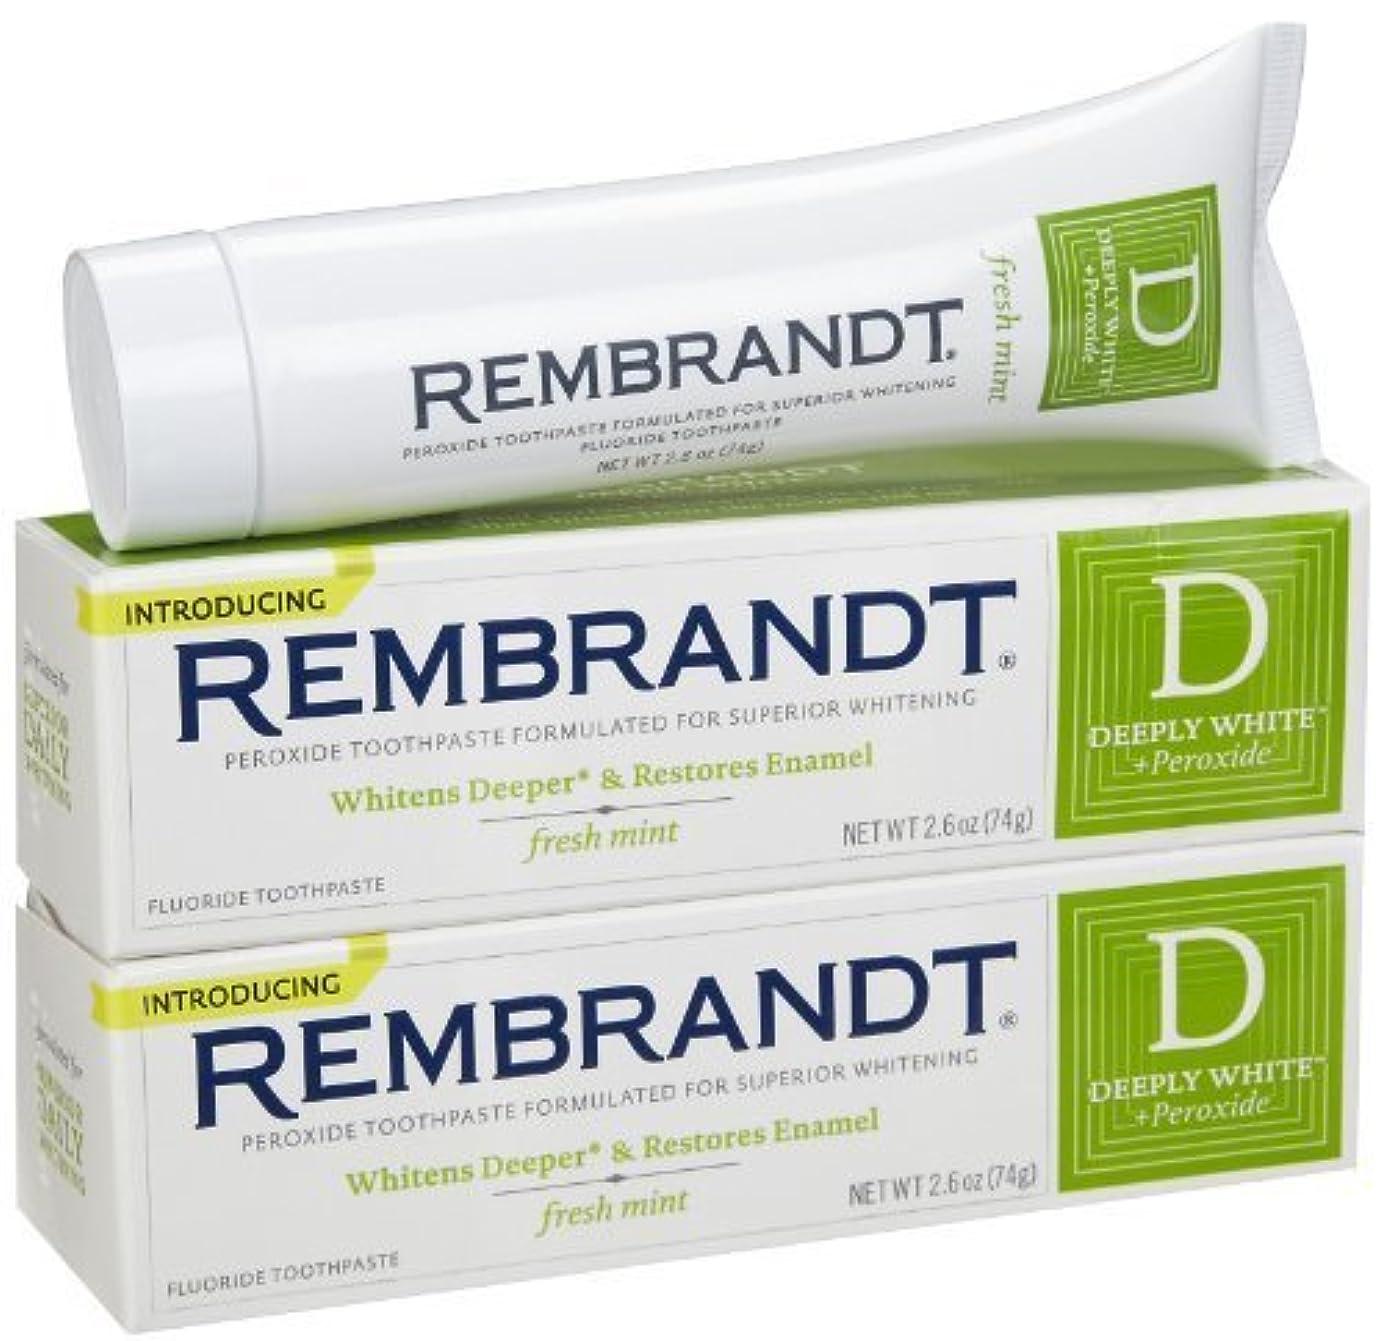 マスクアジア物語Rembrandt Fluoride Toothpaste, Mint - 2.6 oz - 2 pk [並行輸入品]